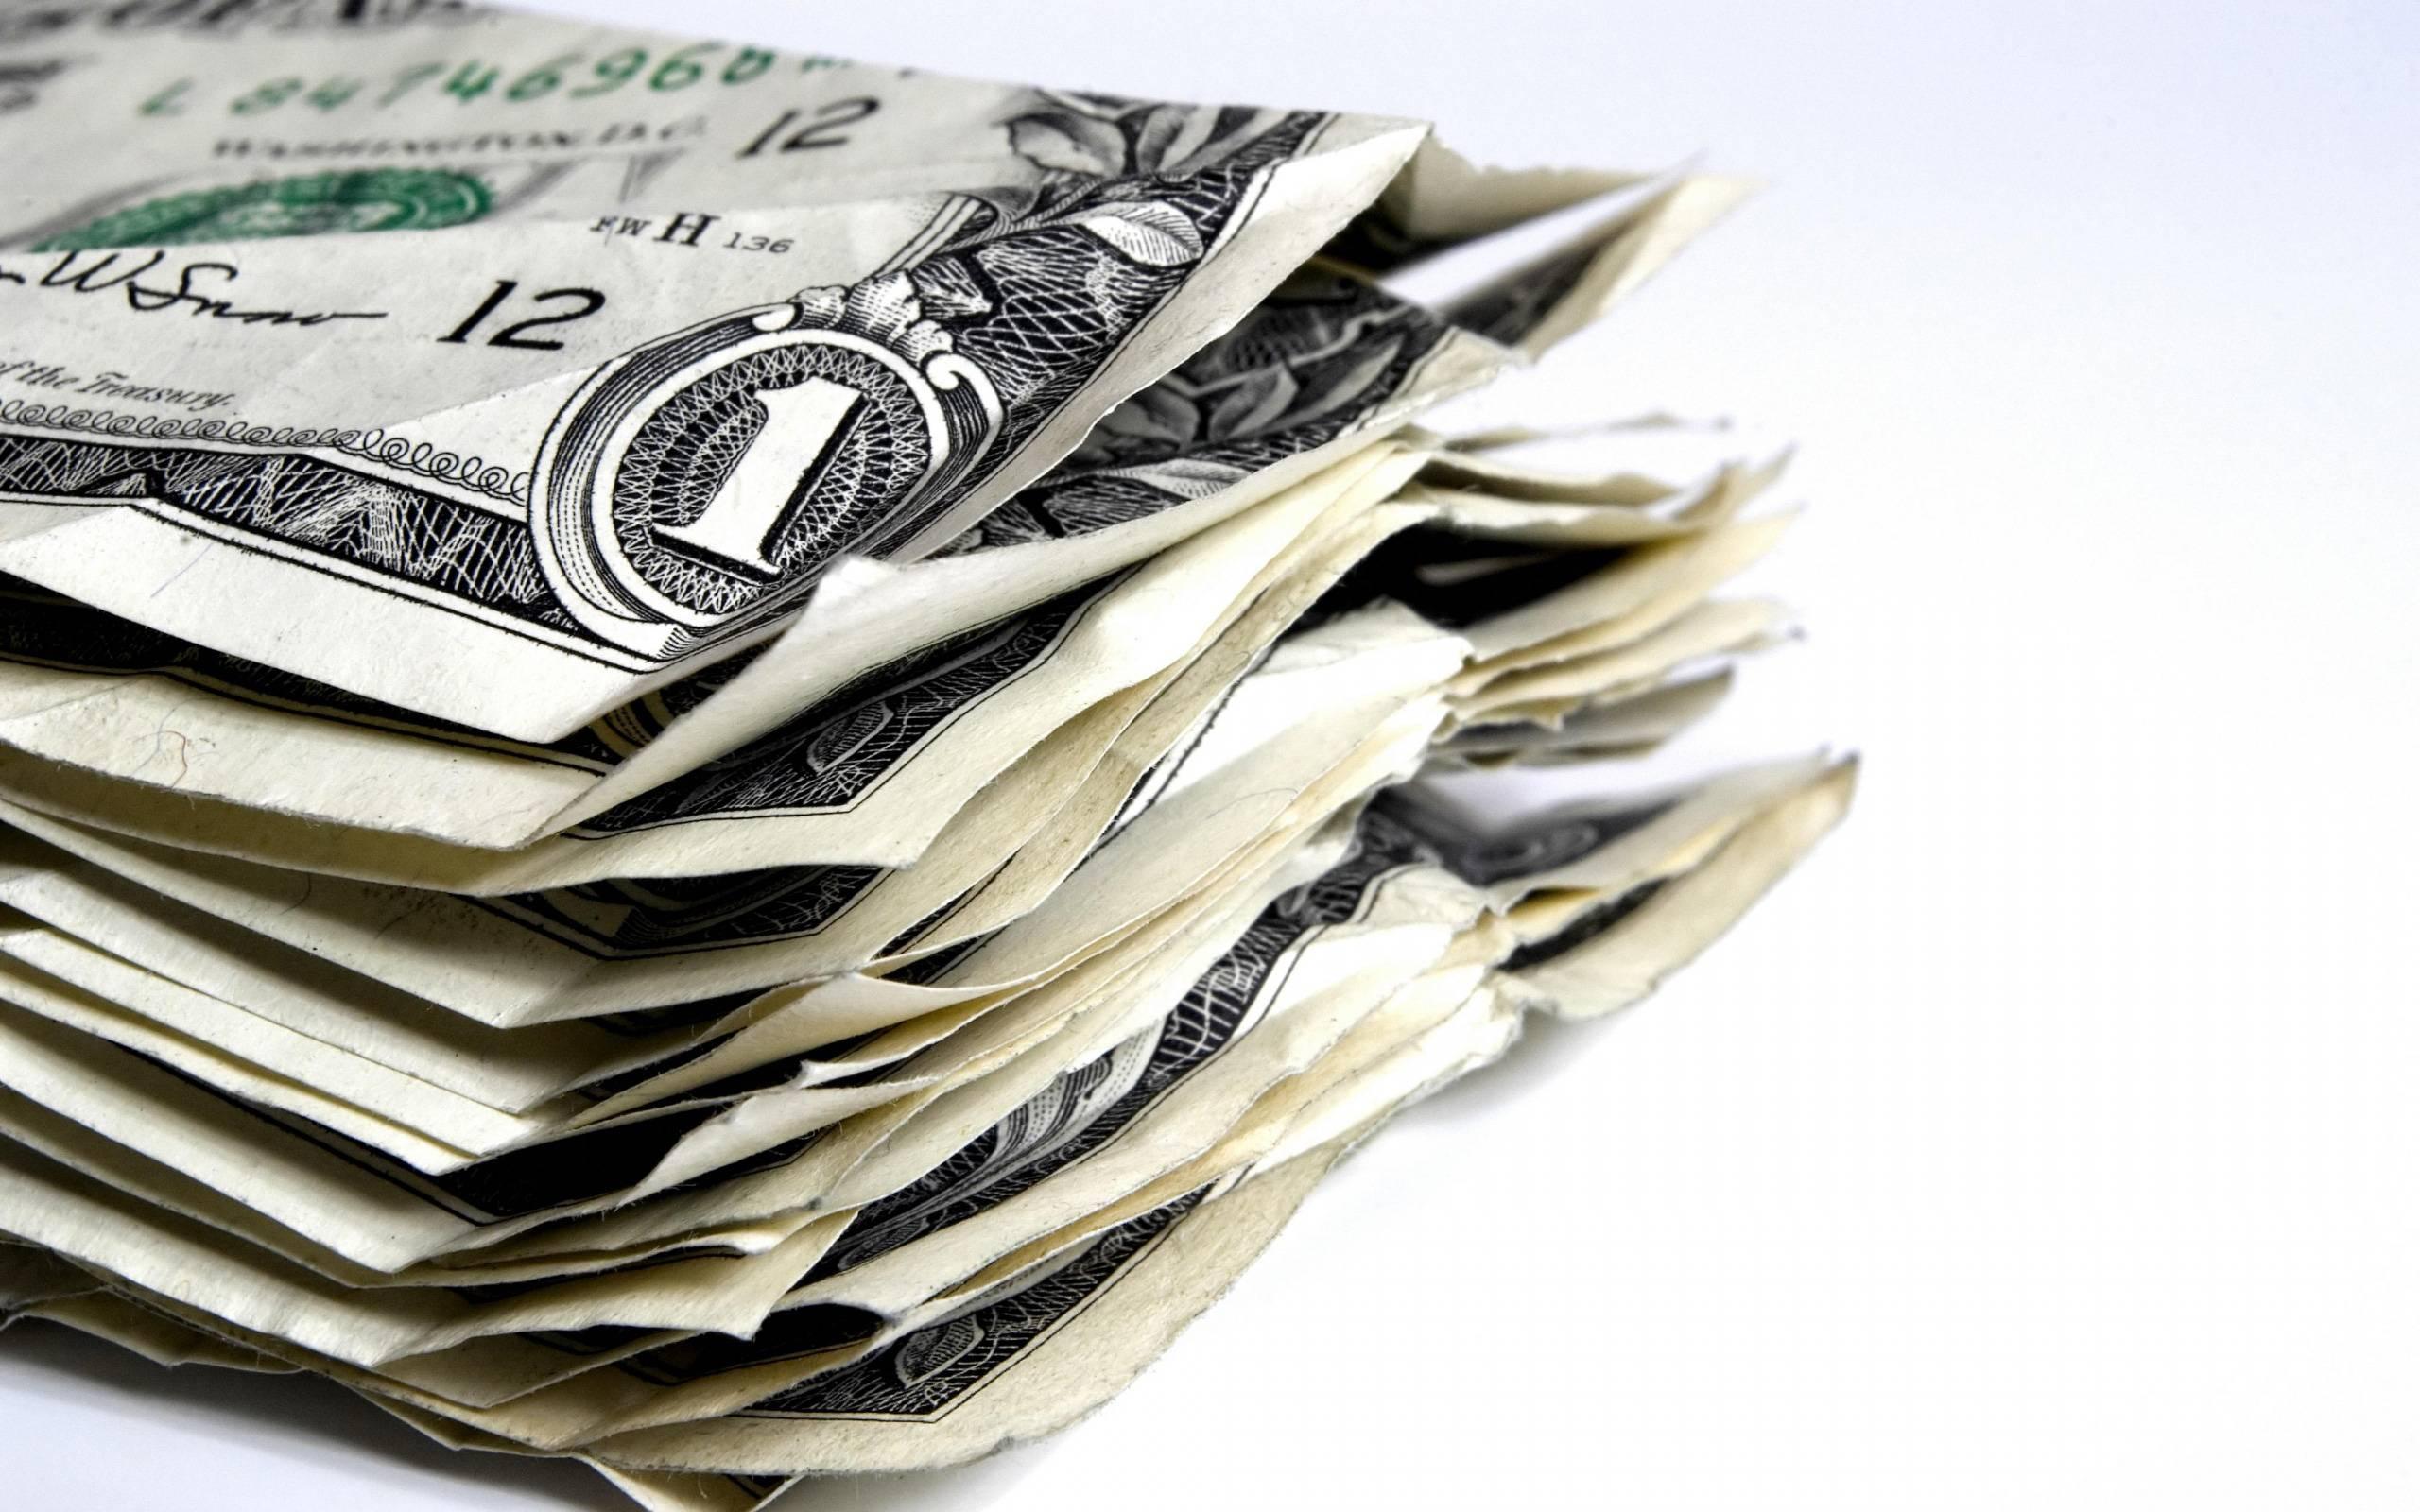 money-38e4207b0729f7bd784b1f2434743faa.jpg